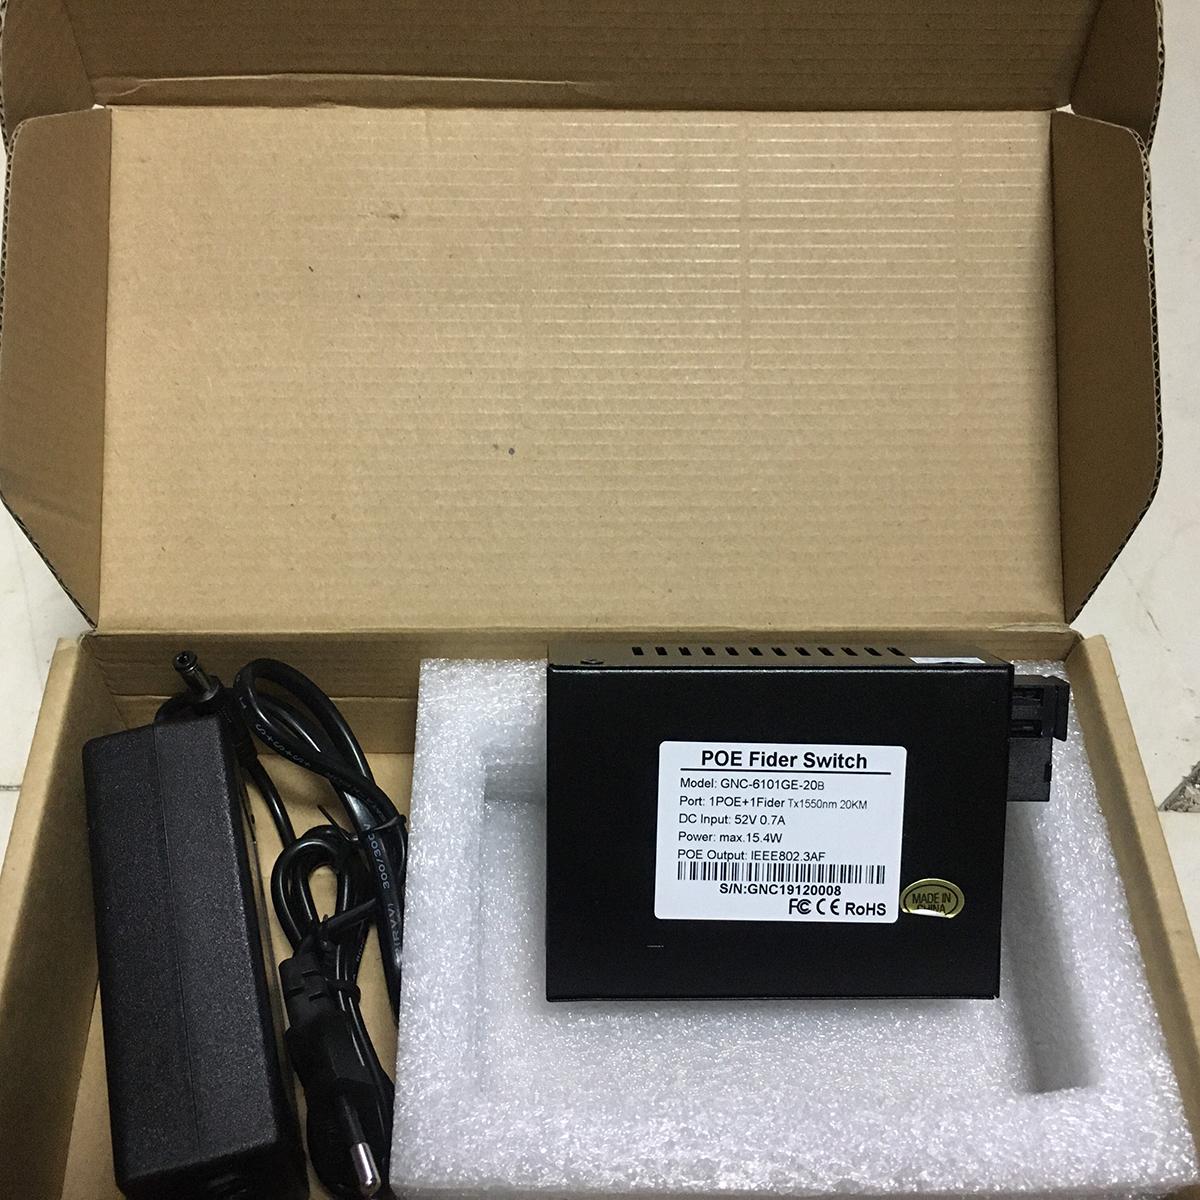 Bộ chuyển đổi quang điện Gigabit 8 POE 10/100/1000 M kèm cổng  SC 1 sợi GNETCOM GNC-6109GE-20B (1 thiết bị ) - Hàng Chính Hãng